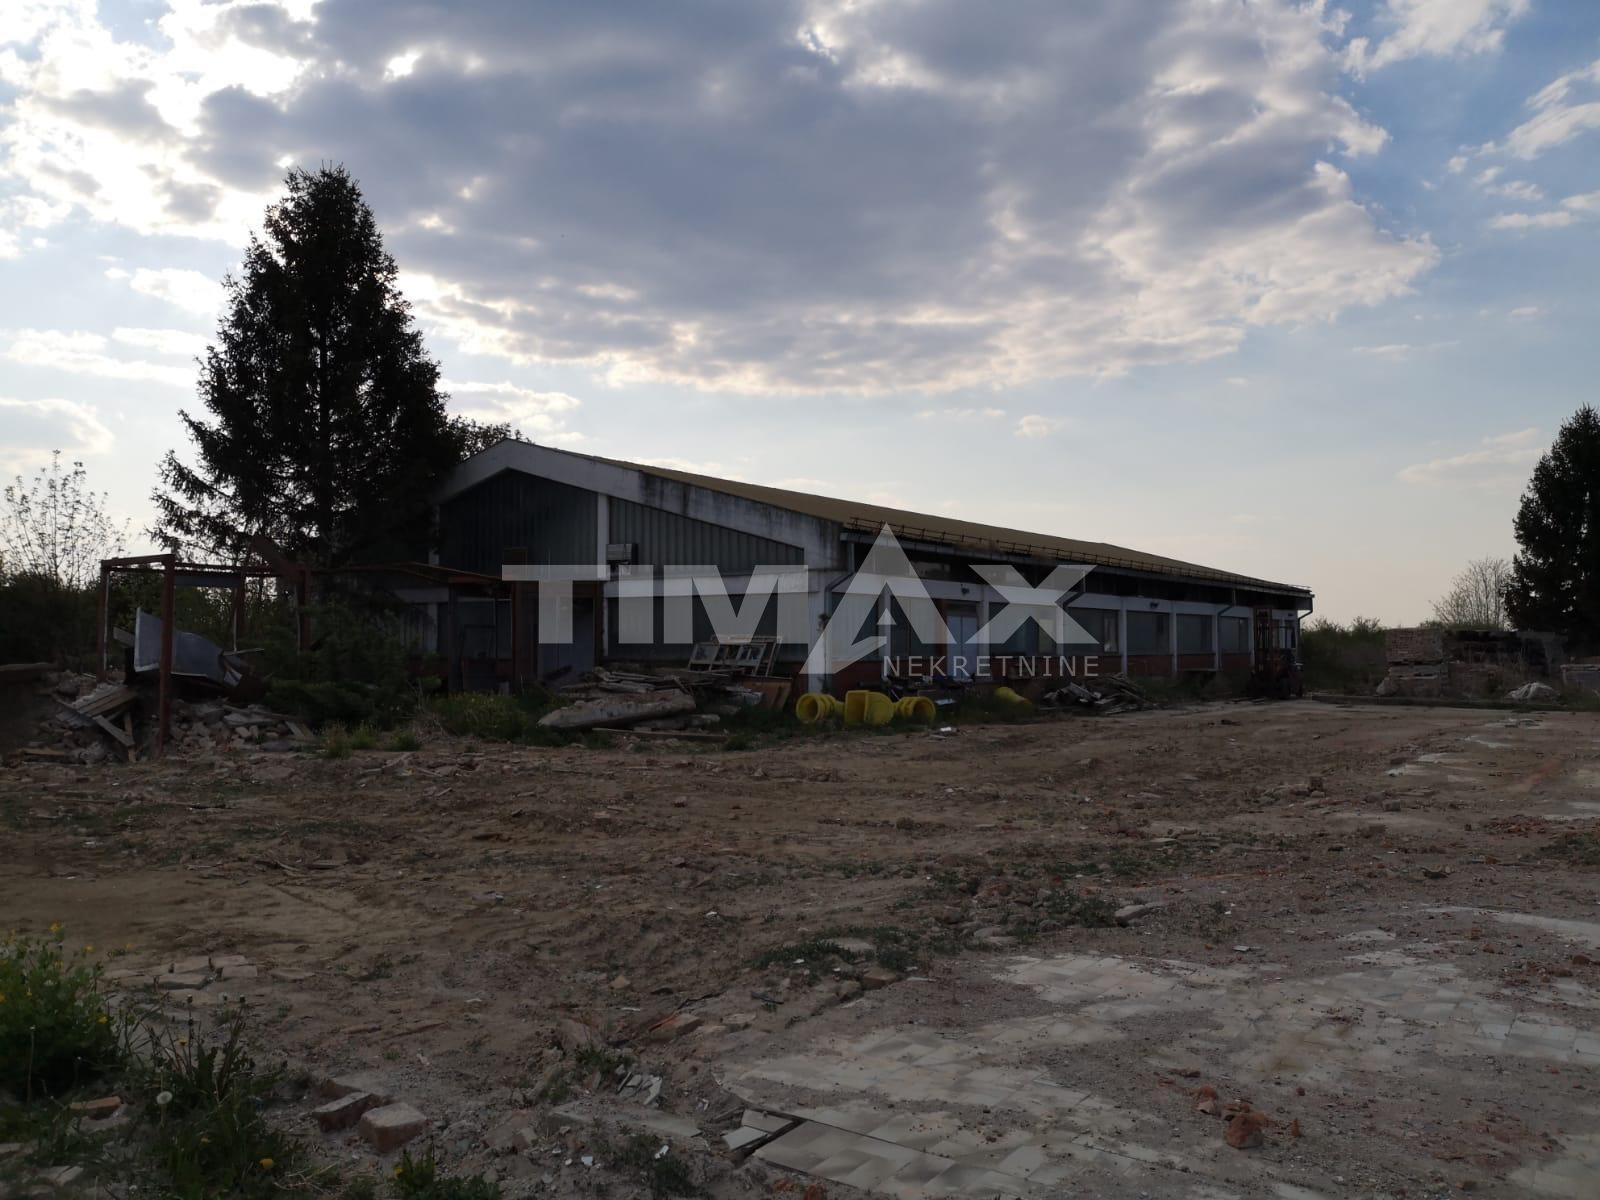 Poslovni prostor: Cerna - Županja, skladište 870 m2 + 11.466 m2 zemljišta